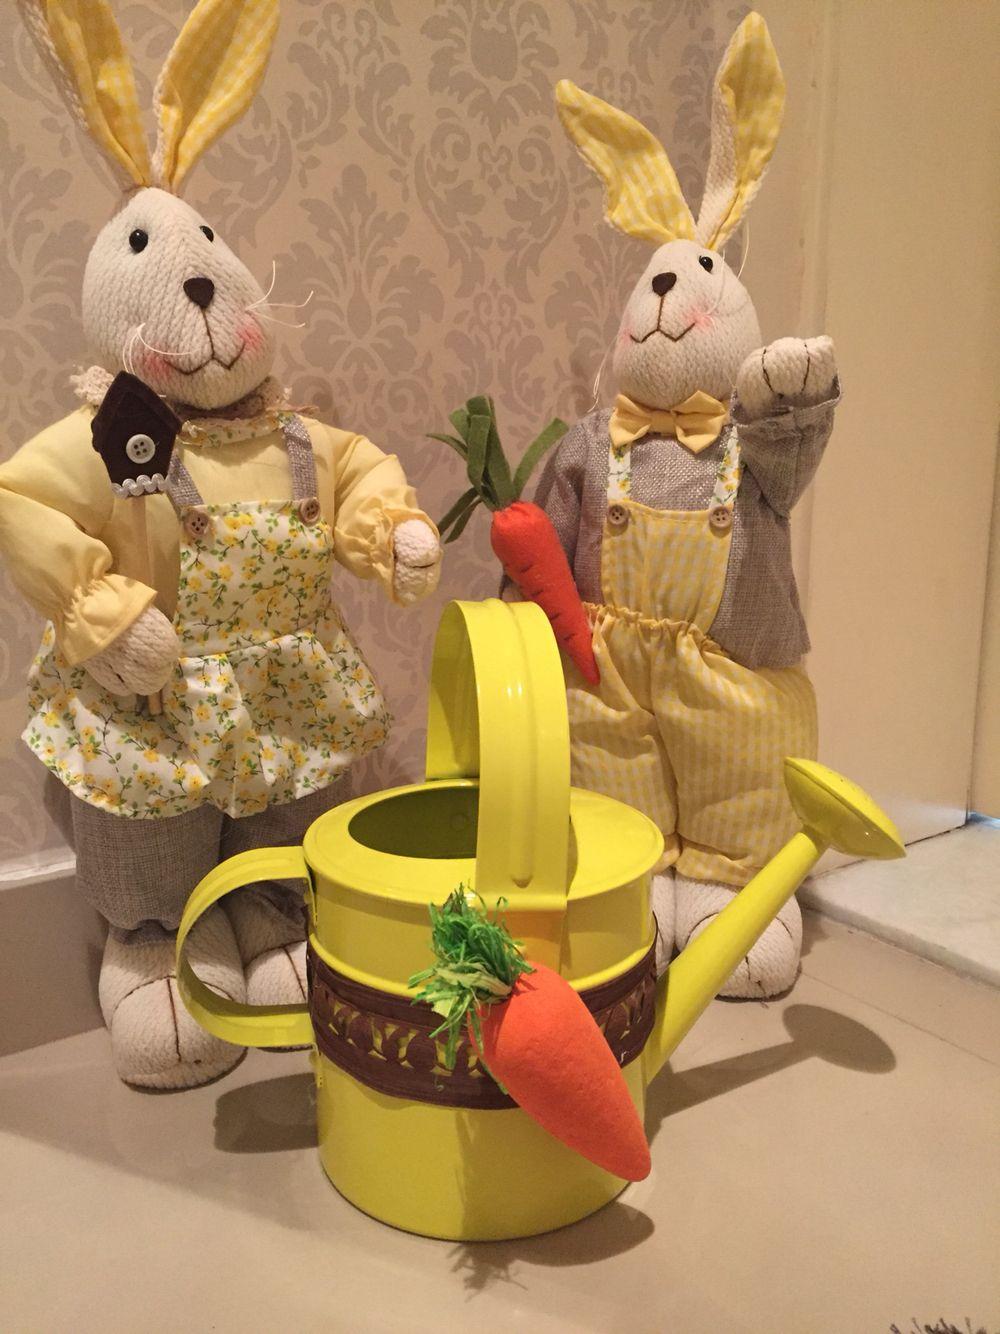 Preparação para Páscoa!